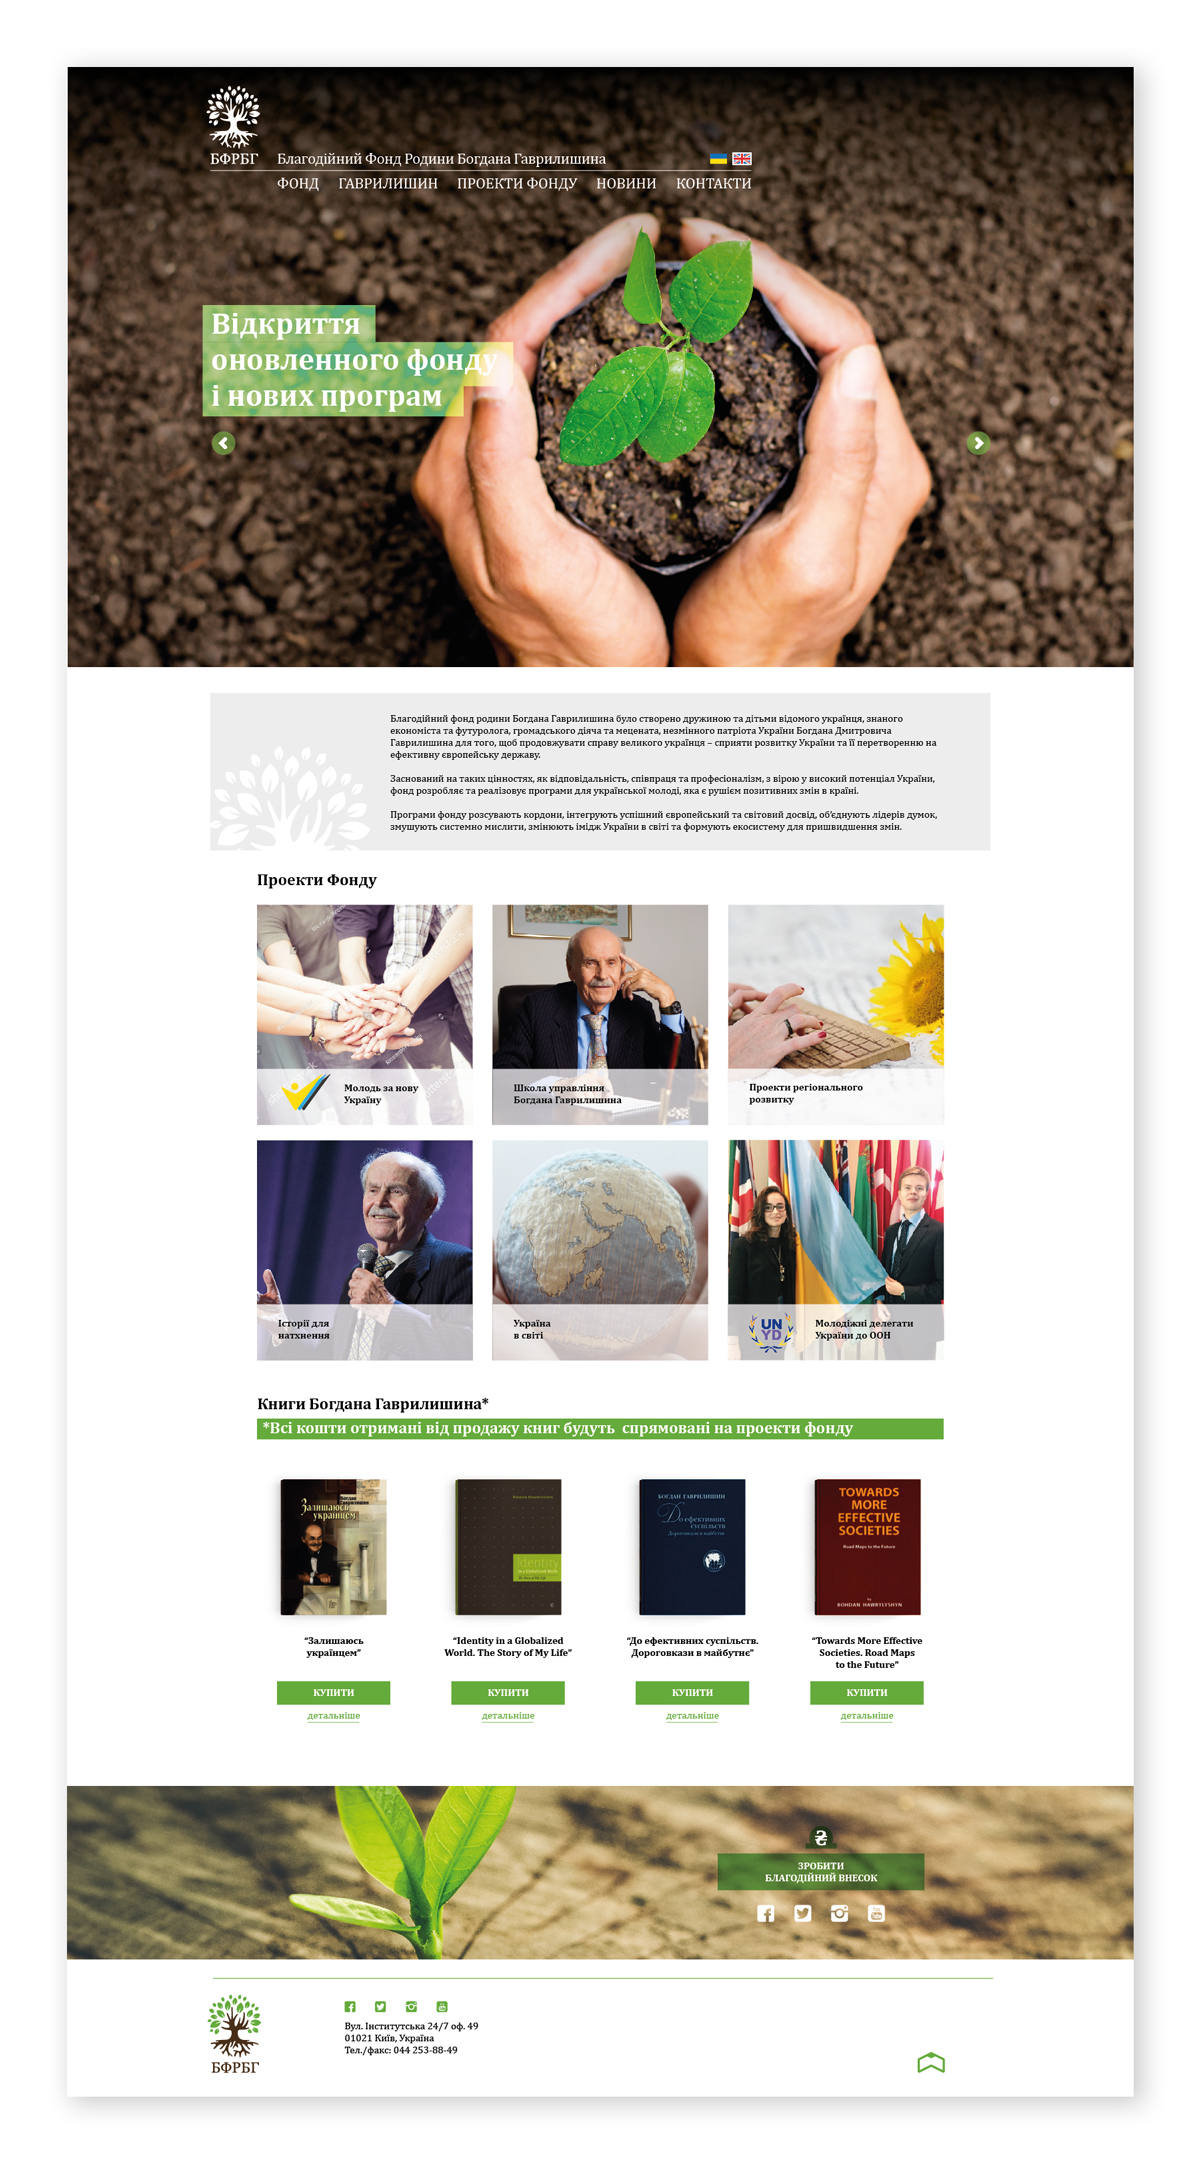 Странички сайта получились емкие. Информация на них структурирована и подана в правильном порядке